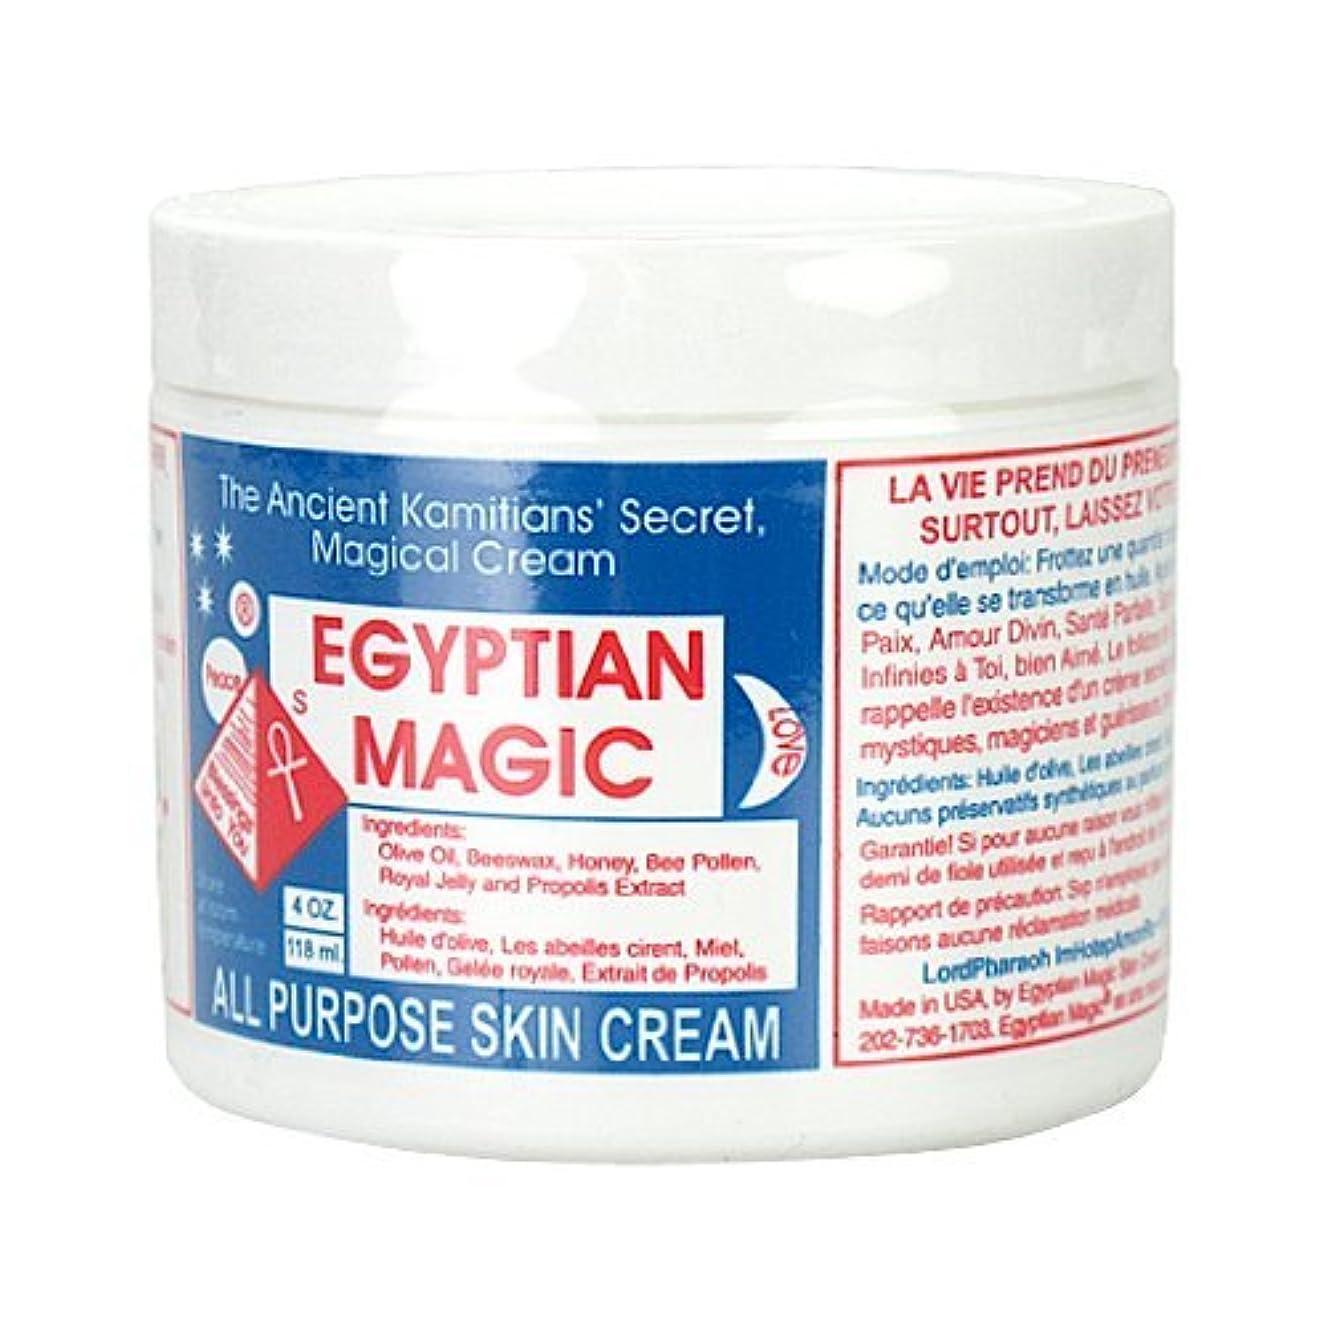 トースト準備した貸すエジプシャンマジック EGYPTIAN MAGIC エジプシャン マジック クリーム 118ml 保湿クリーム